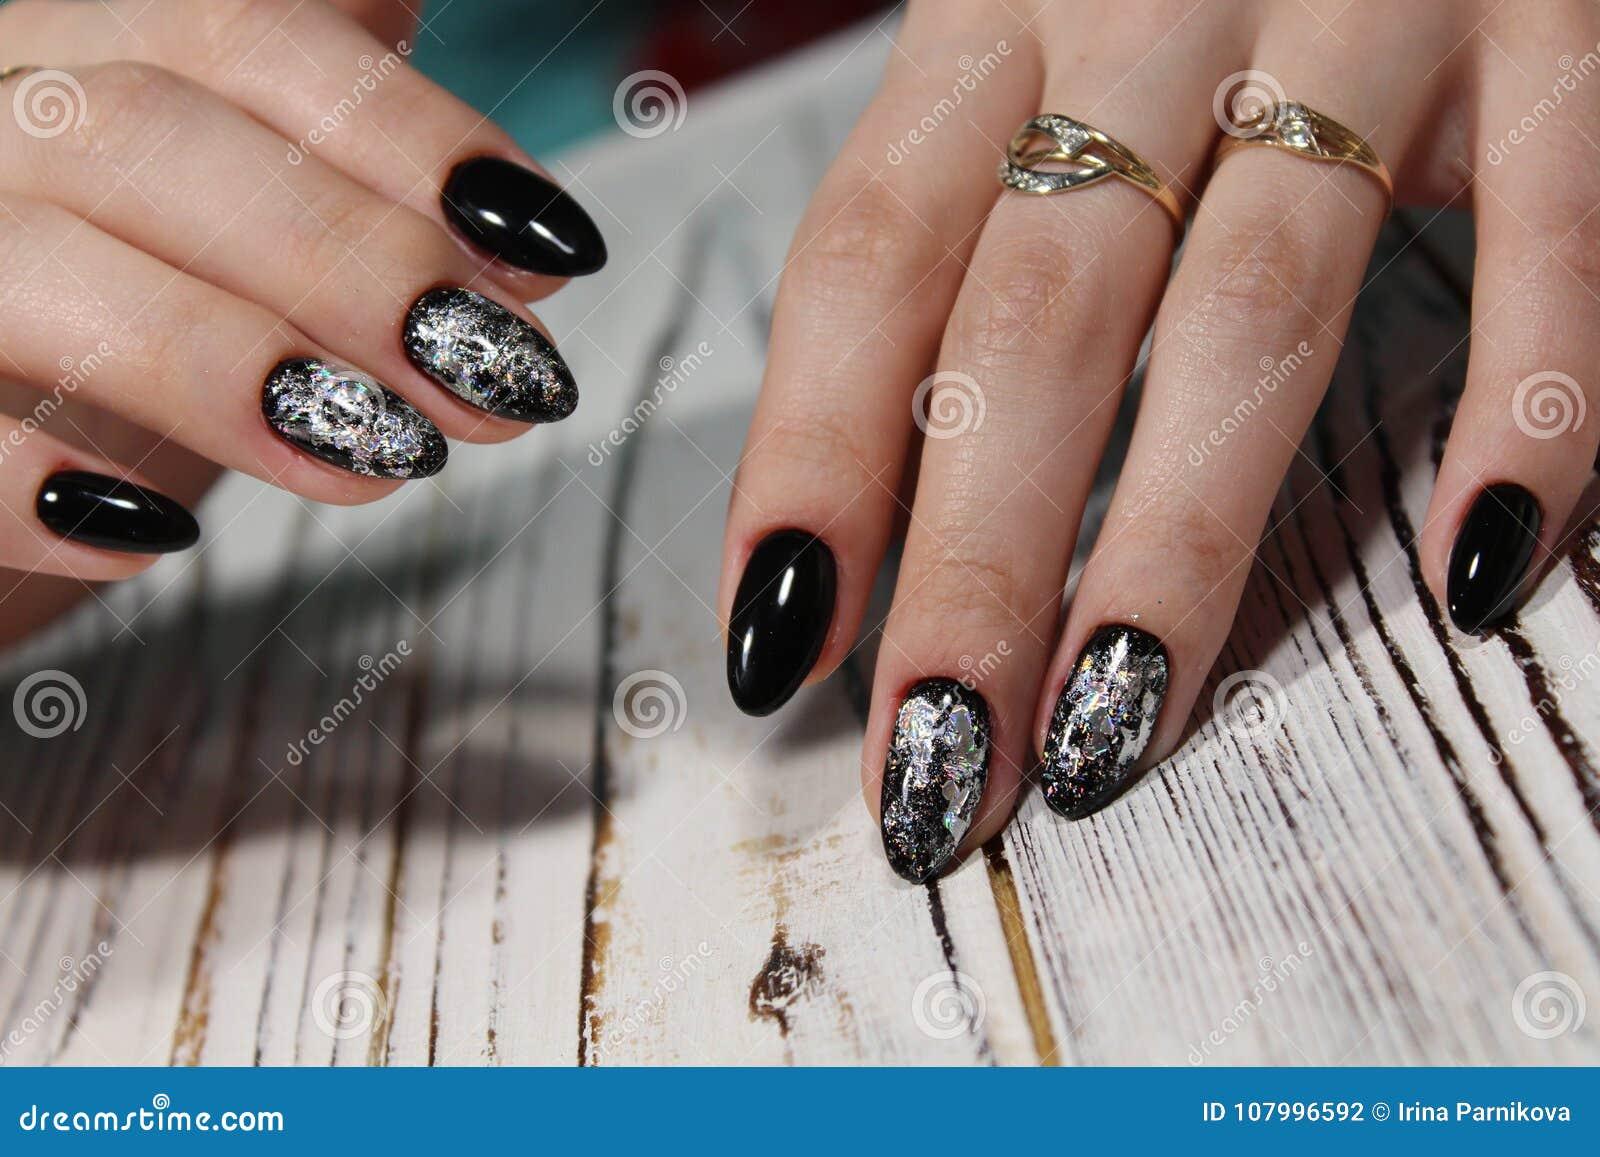 Black Long Nails Stock Photo Image Of Female Style 107996592